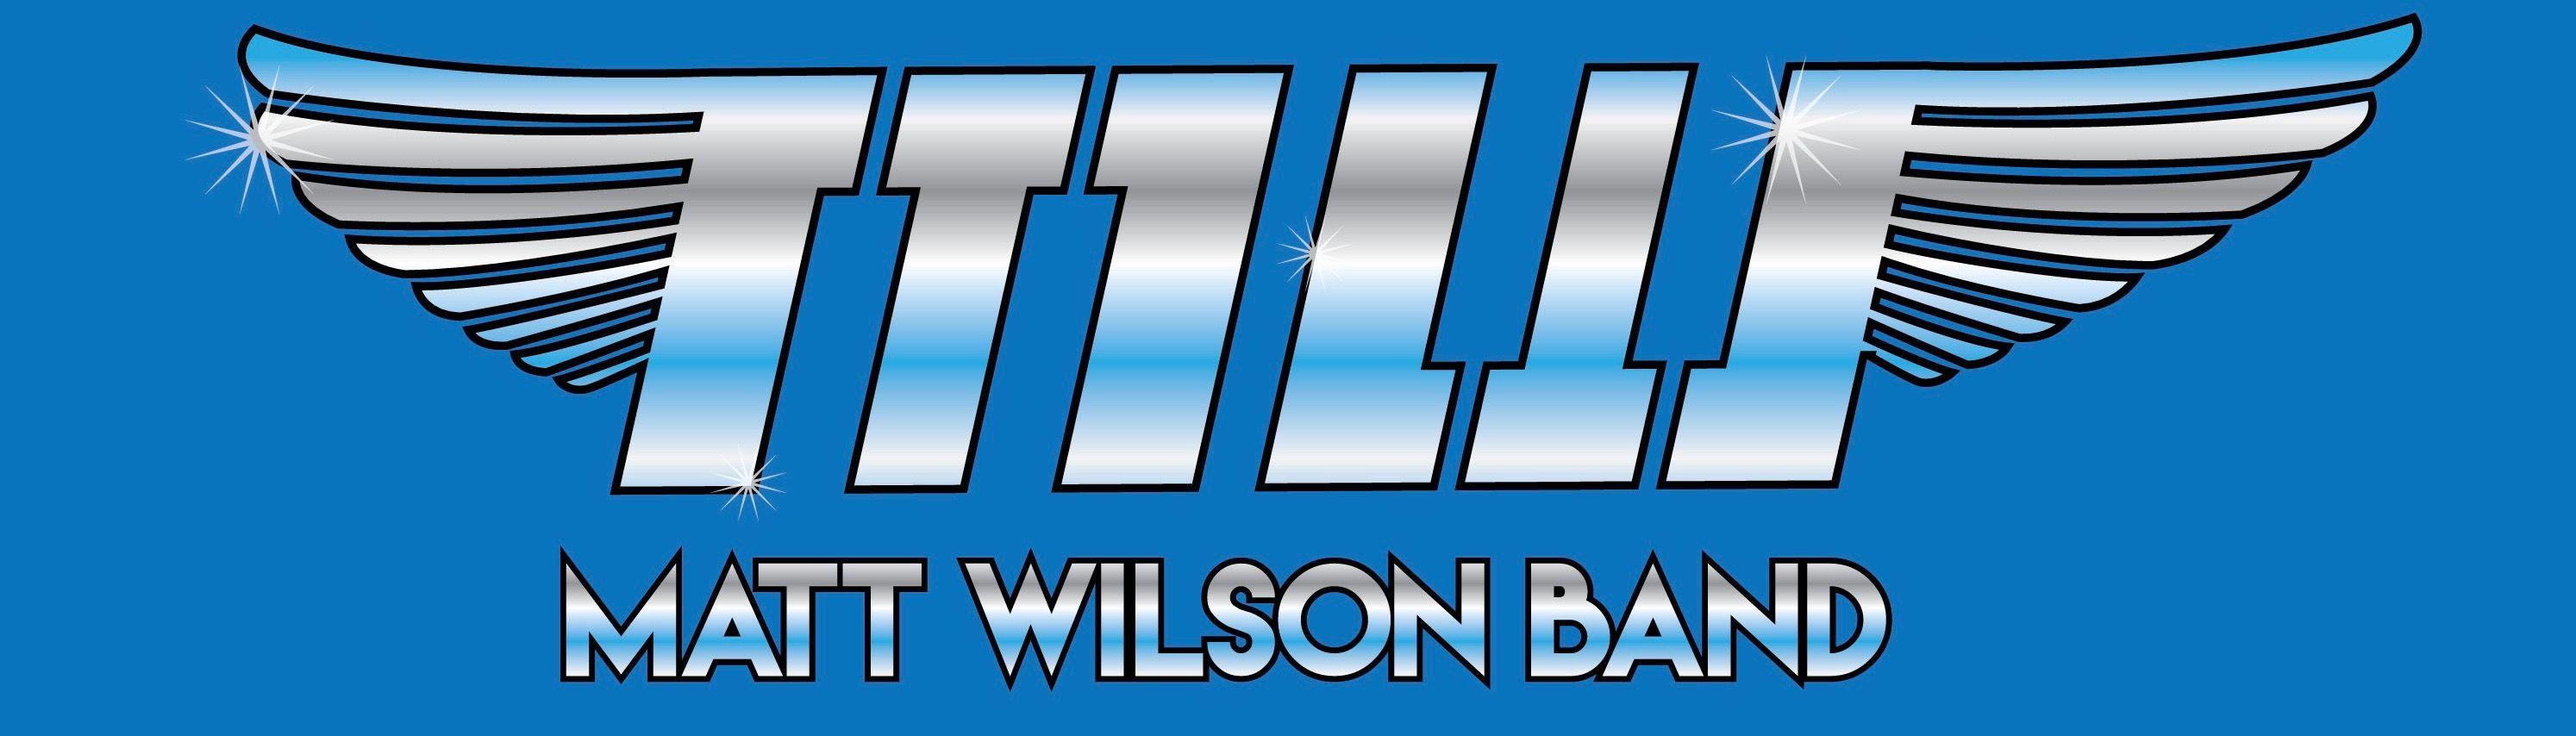 Matt-Wilson-Logo-BLUE.jpg